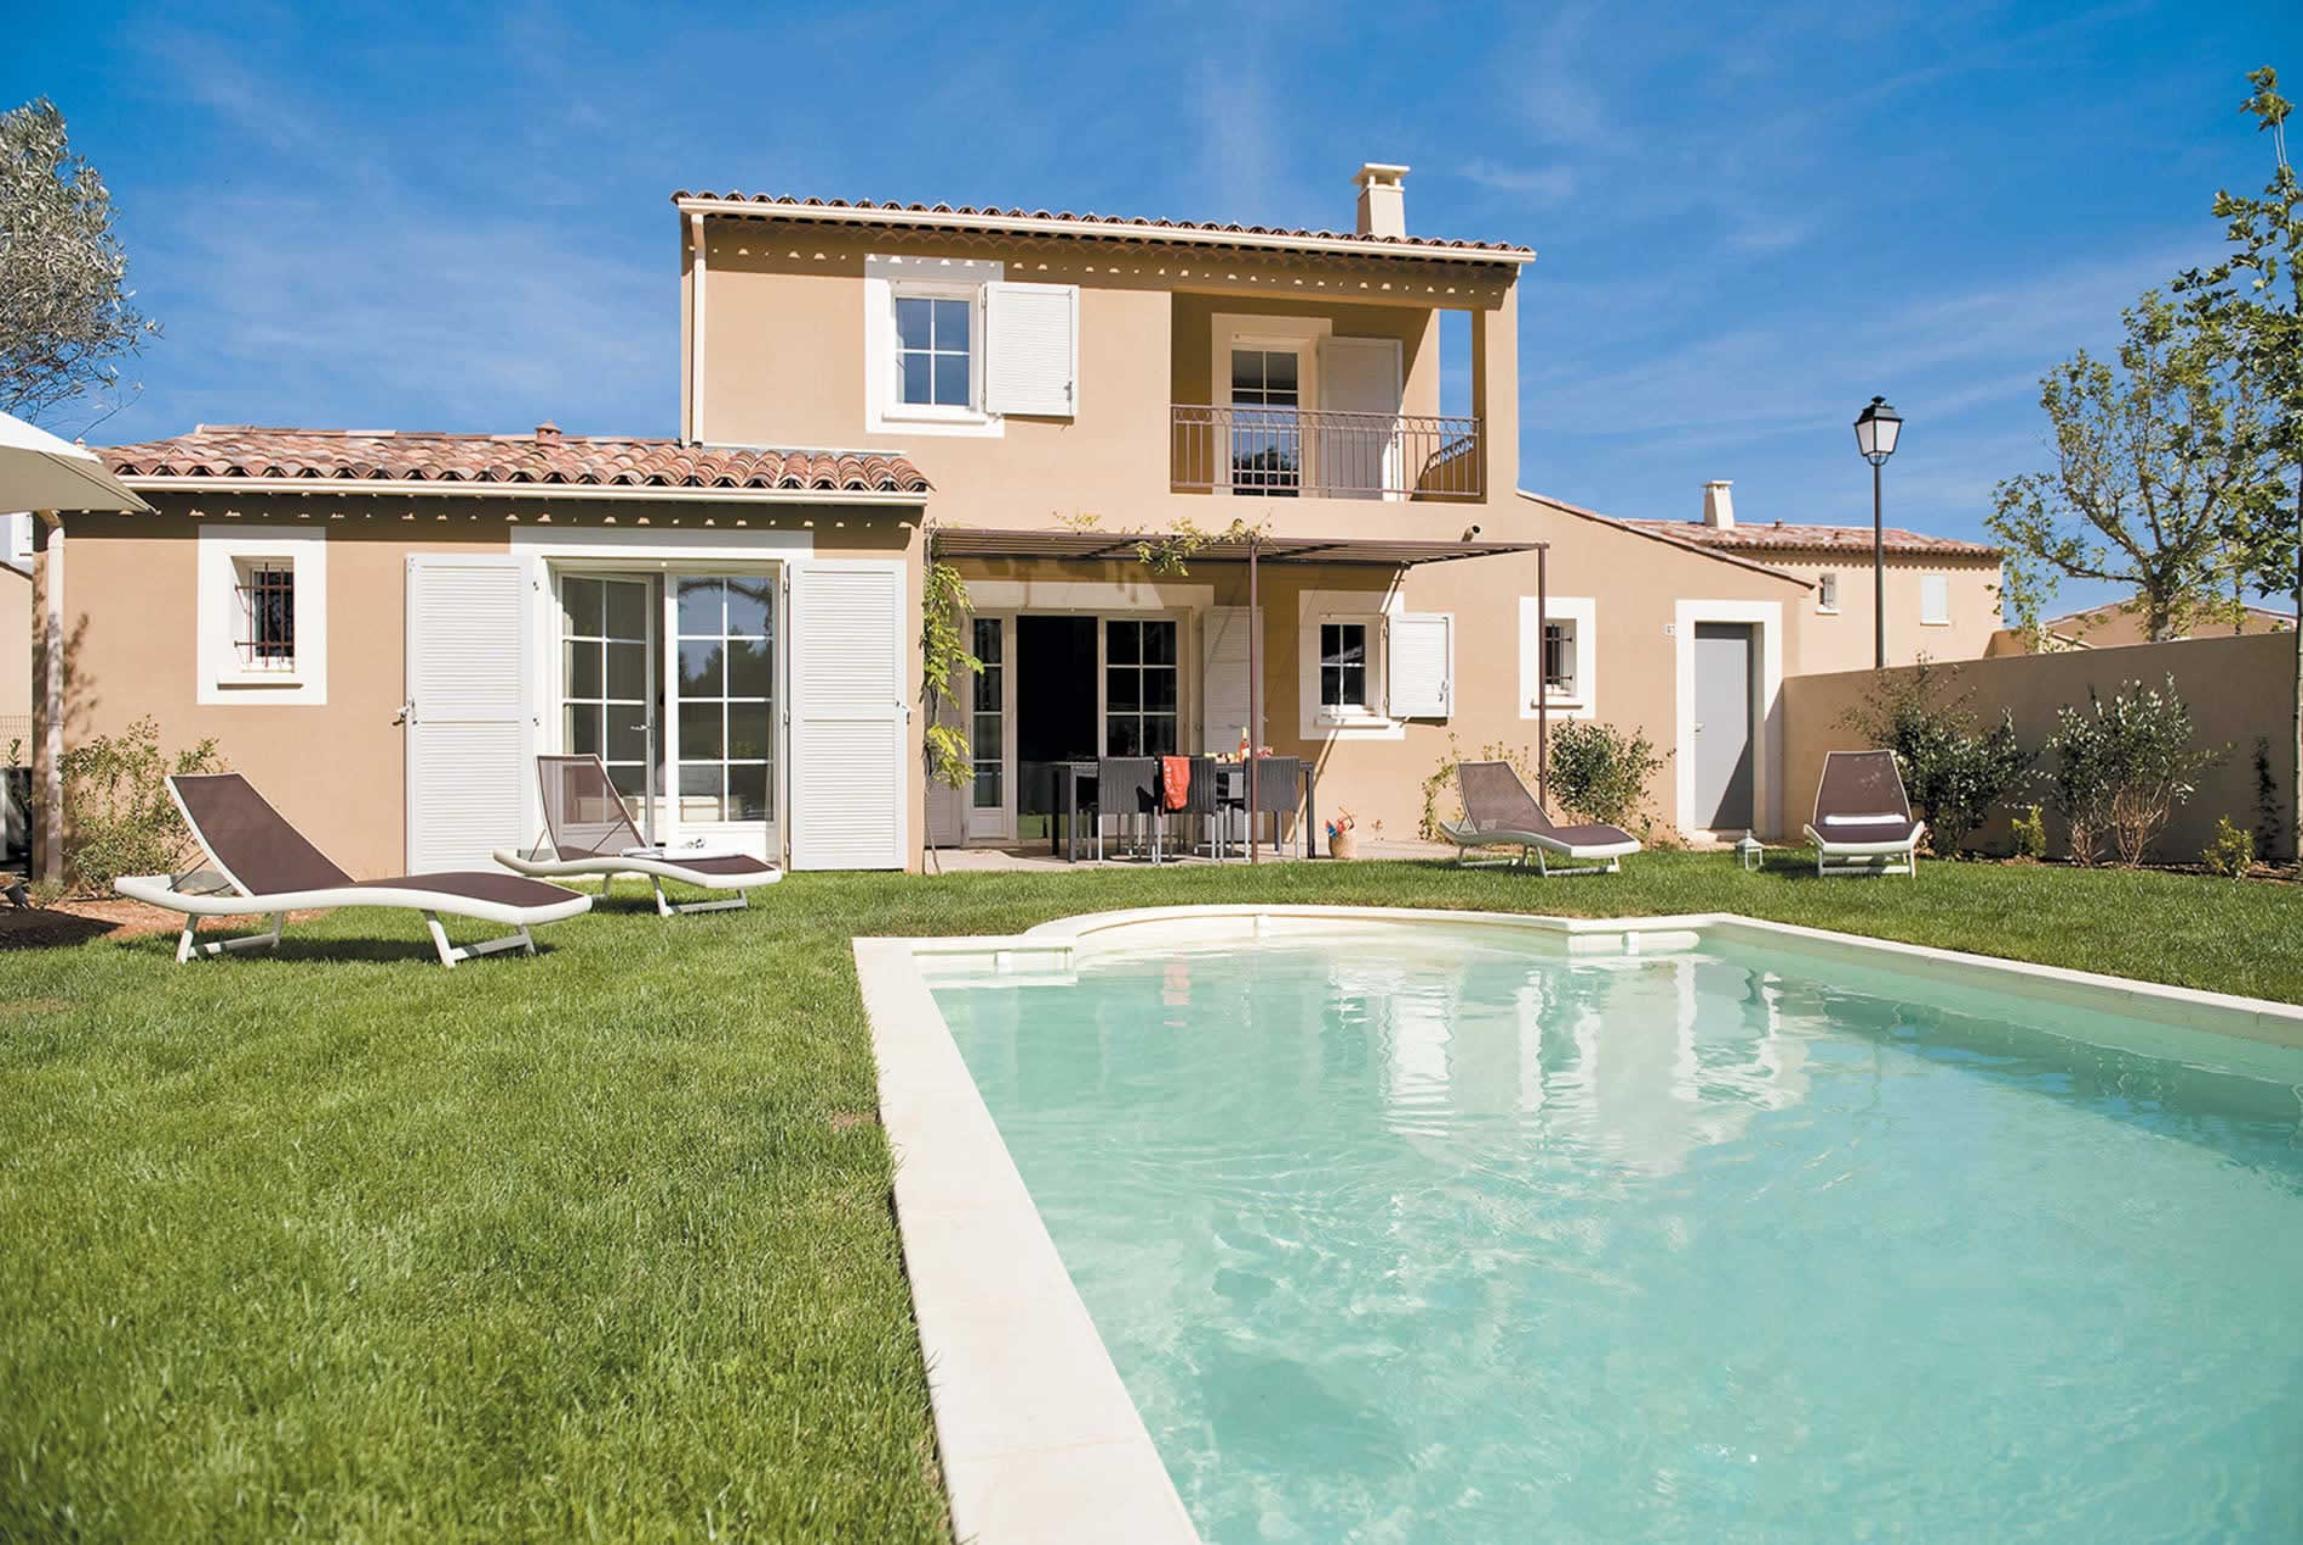 Holiday house 3 Bed Villas Campagne (2750845), Saint Saturnin lès Apt, Vaucluse, Provence - Alps - Côte d'Azur, France, picture 8